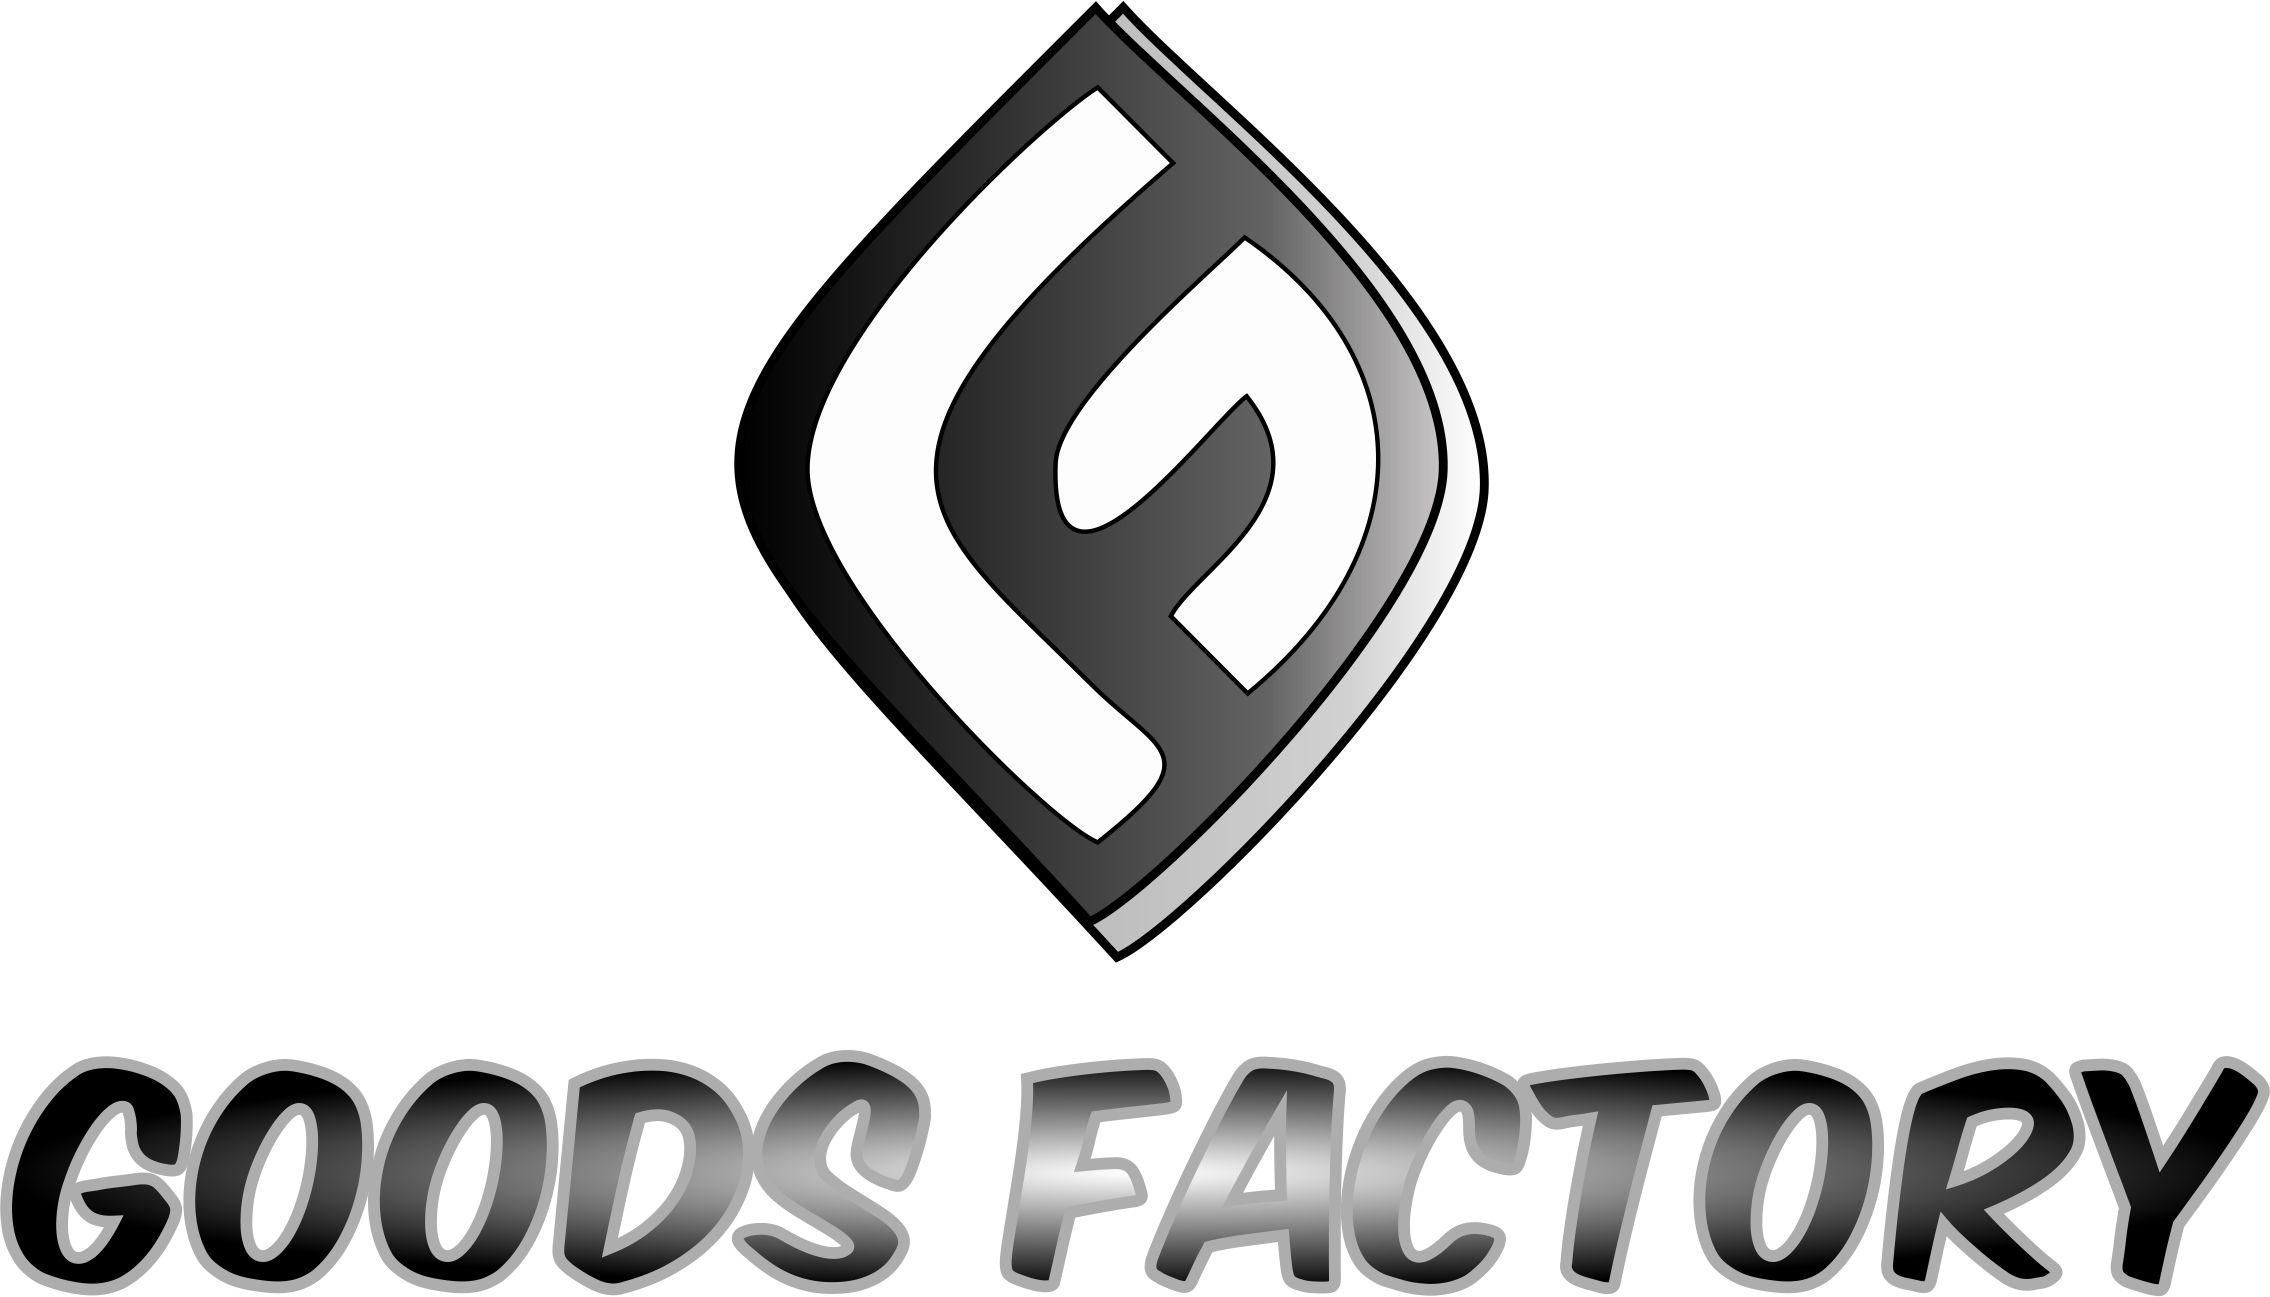 Разработка логотипа компании фото f_936596b56217267f.jpg